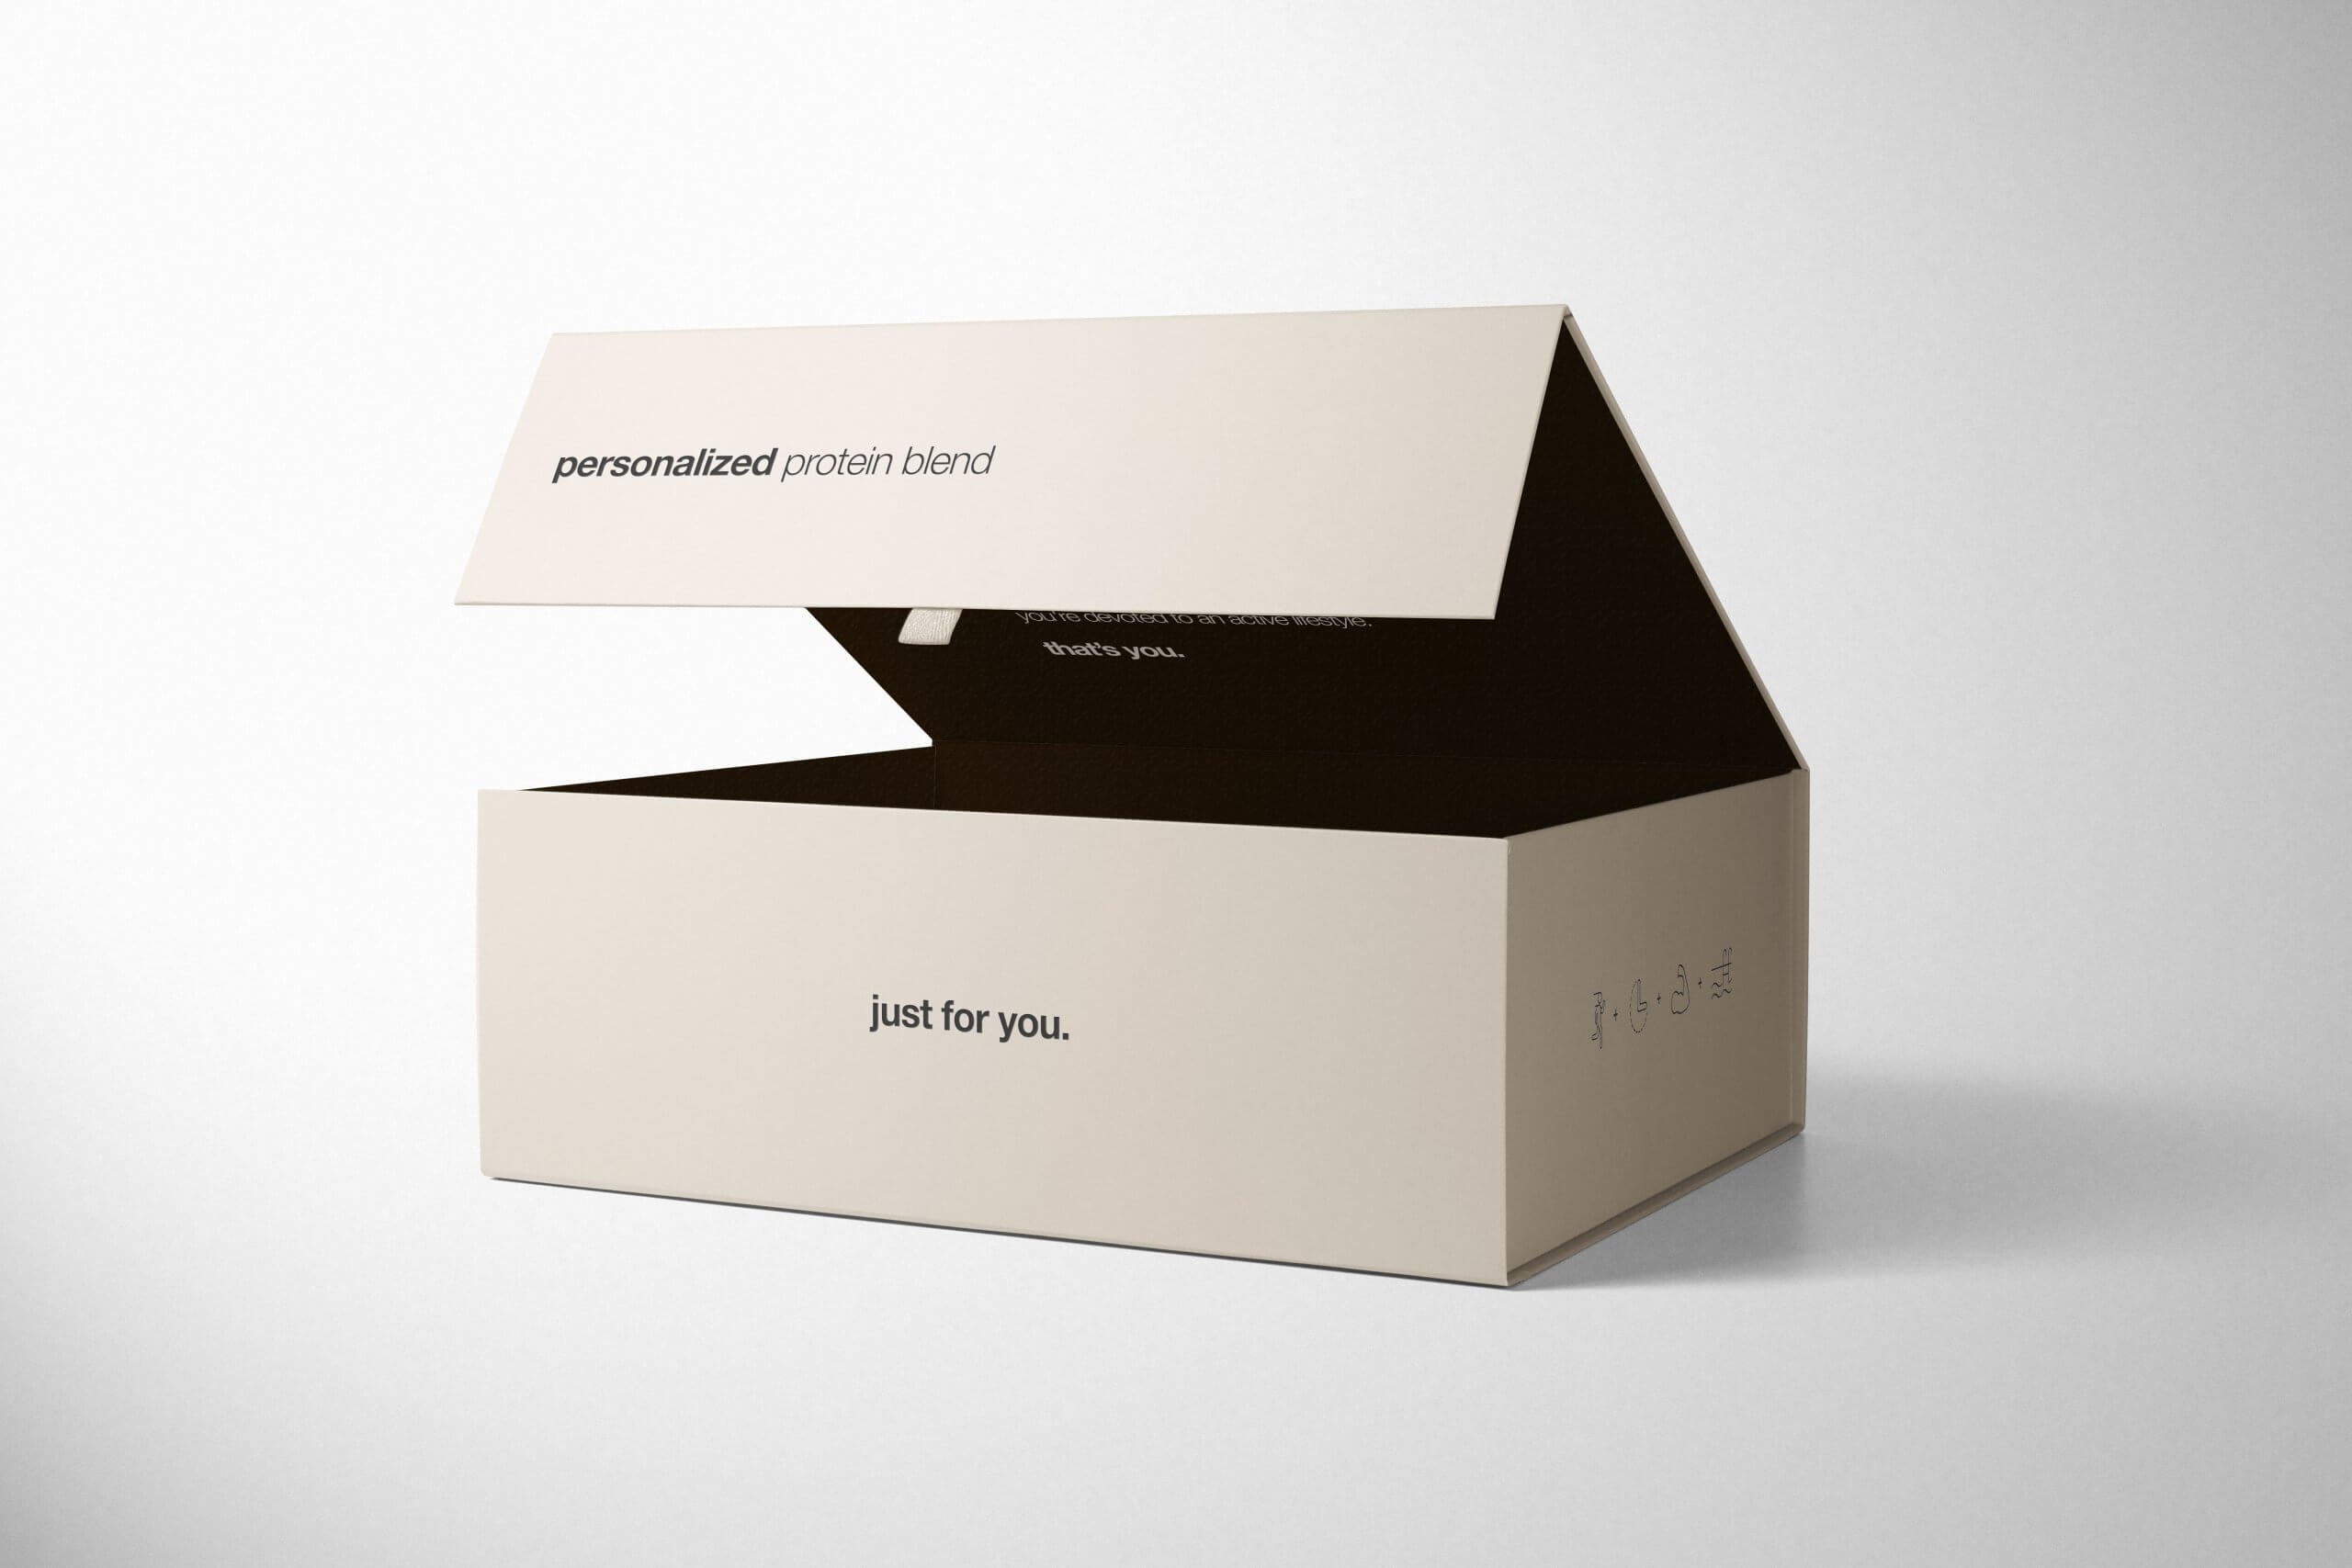 Fitnessguru packaging Packhelp